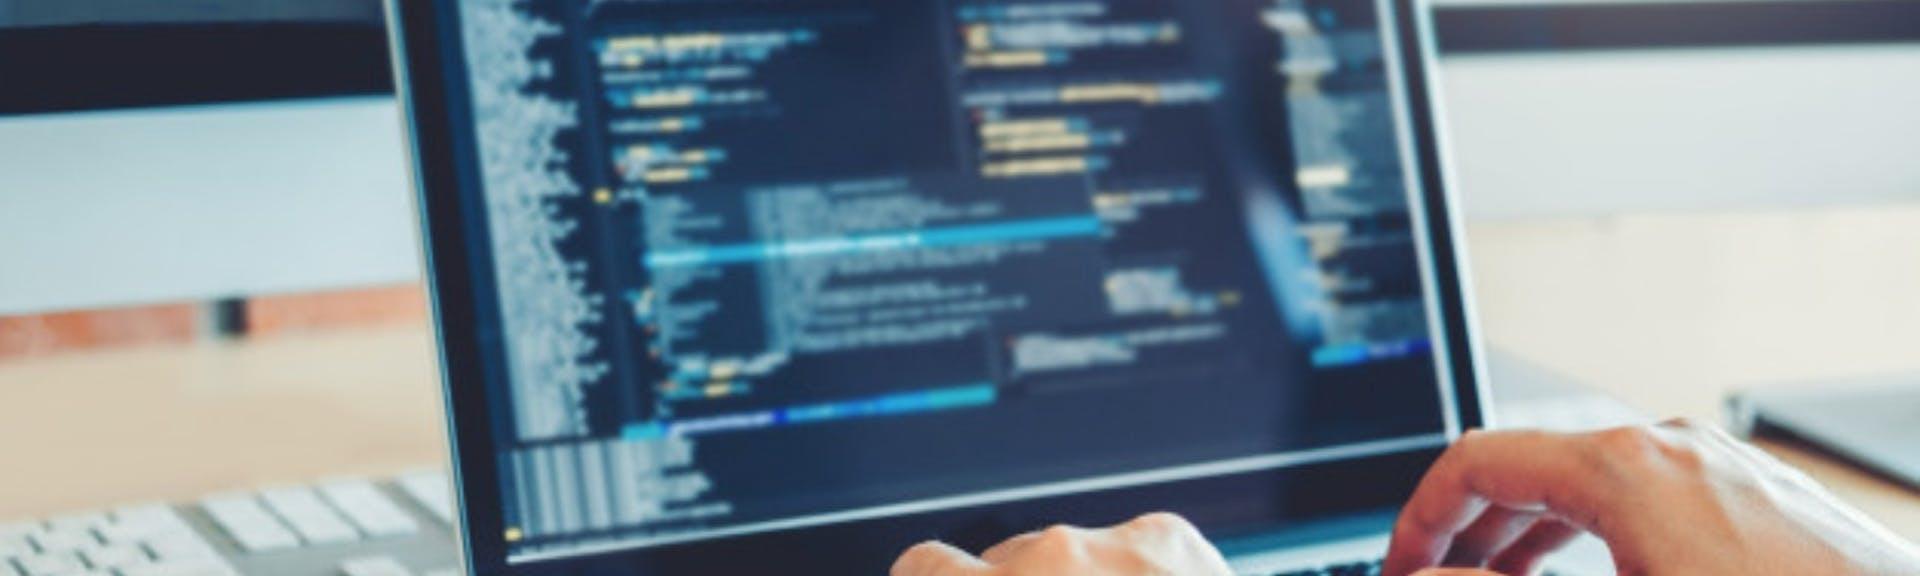 Tipos de software: descubre el trabajo invisible de todos tus dispositivos